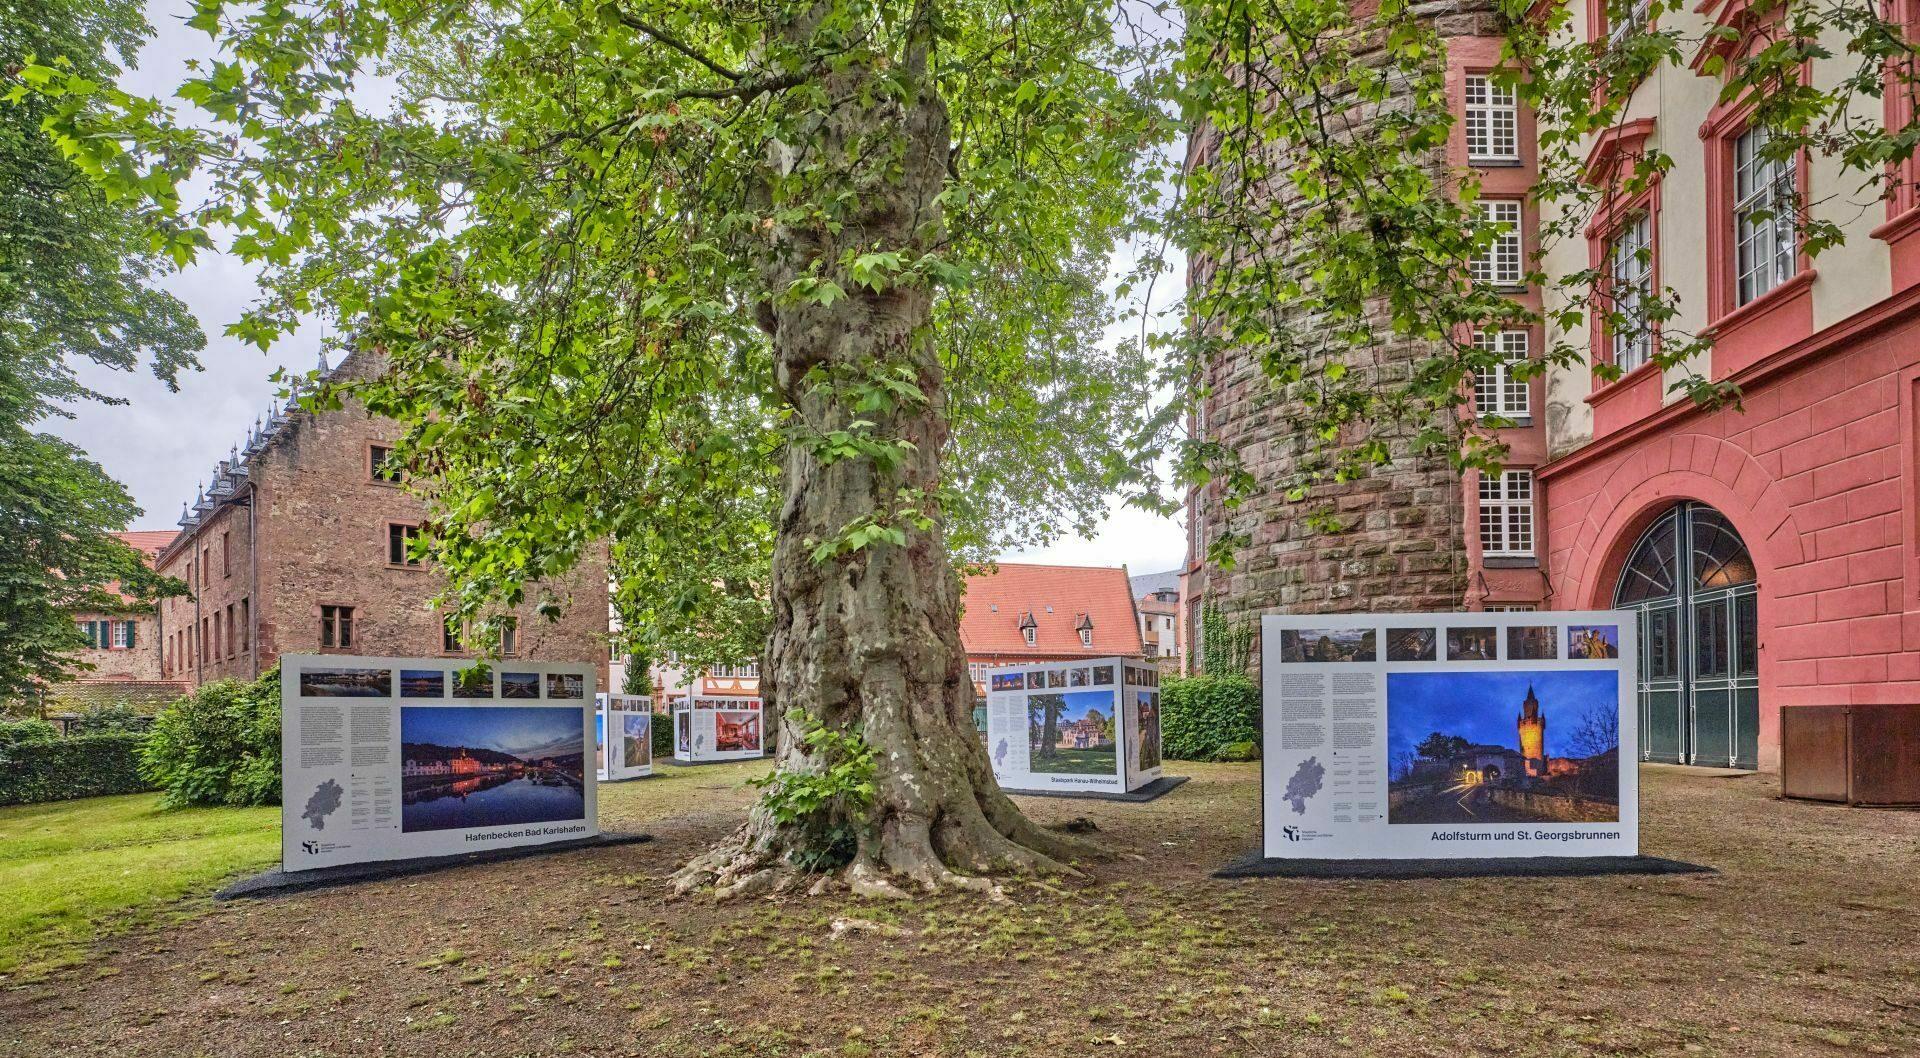 Schloss Erbach hat ein neues Highlight: eine Tafelausstellung mit Fotografien von Michael Leukel